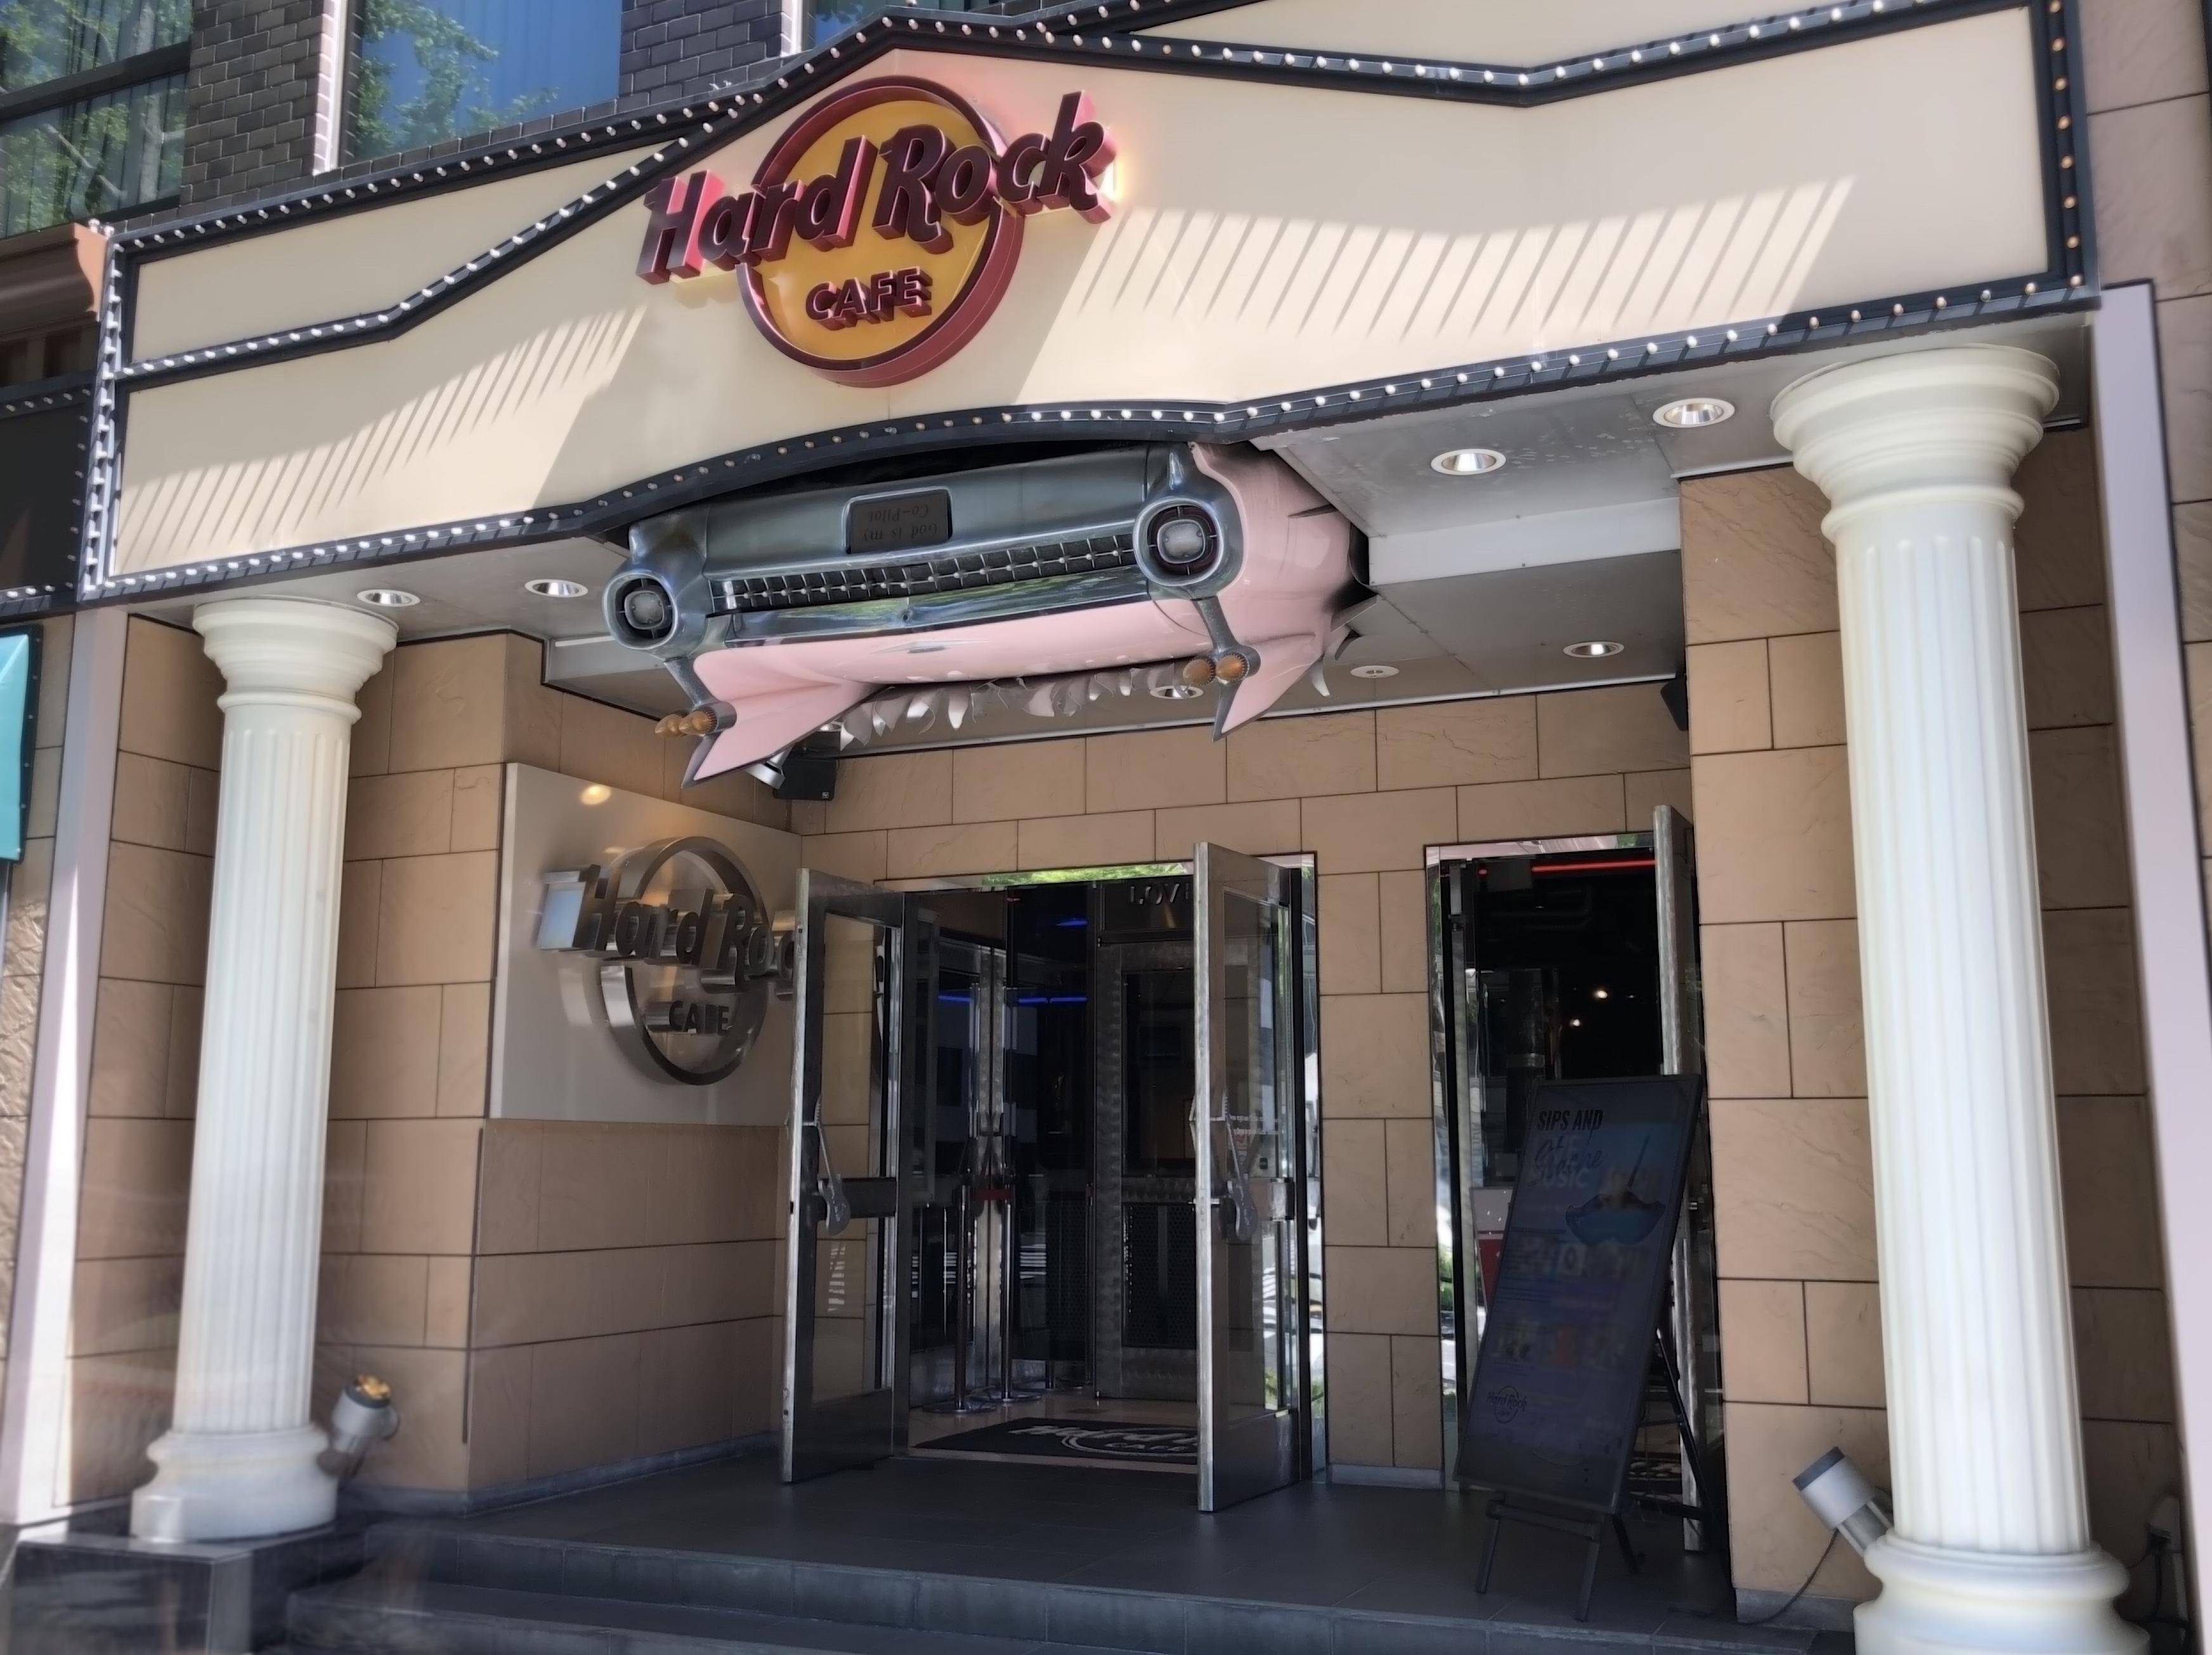 ハードロックカフェ大阪 エントランス